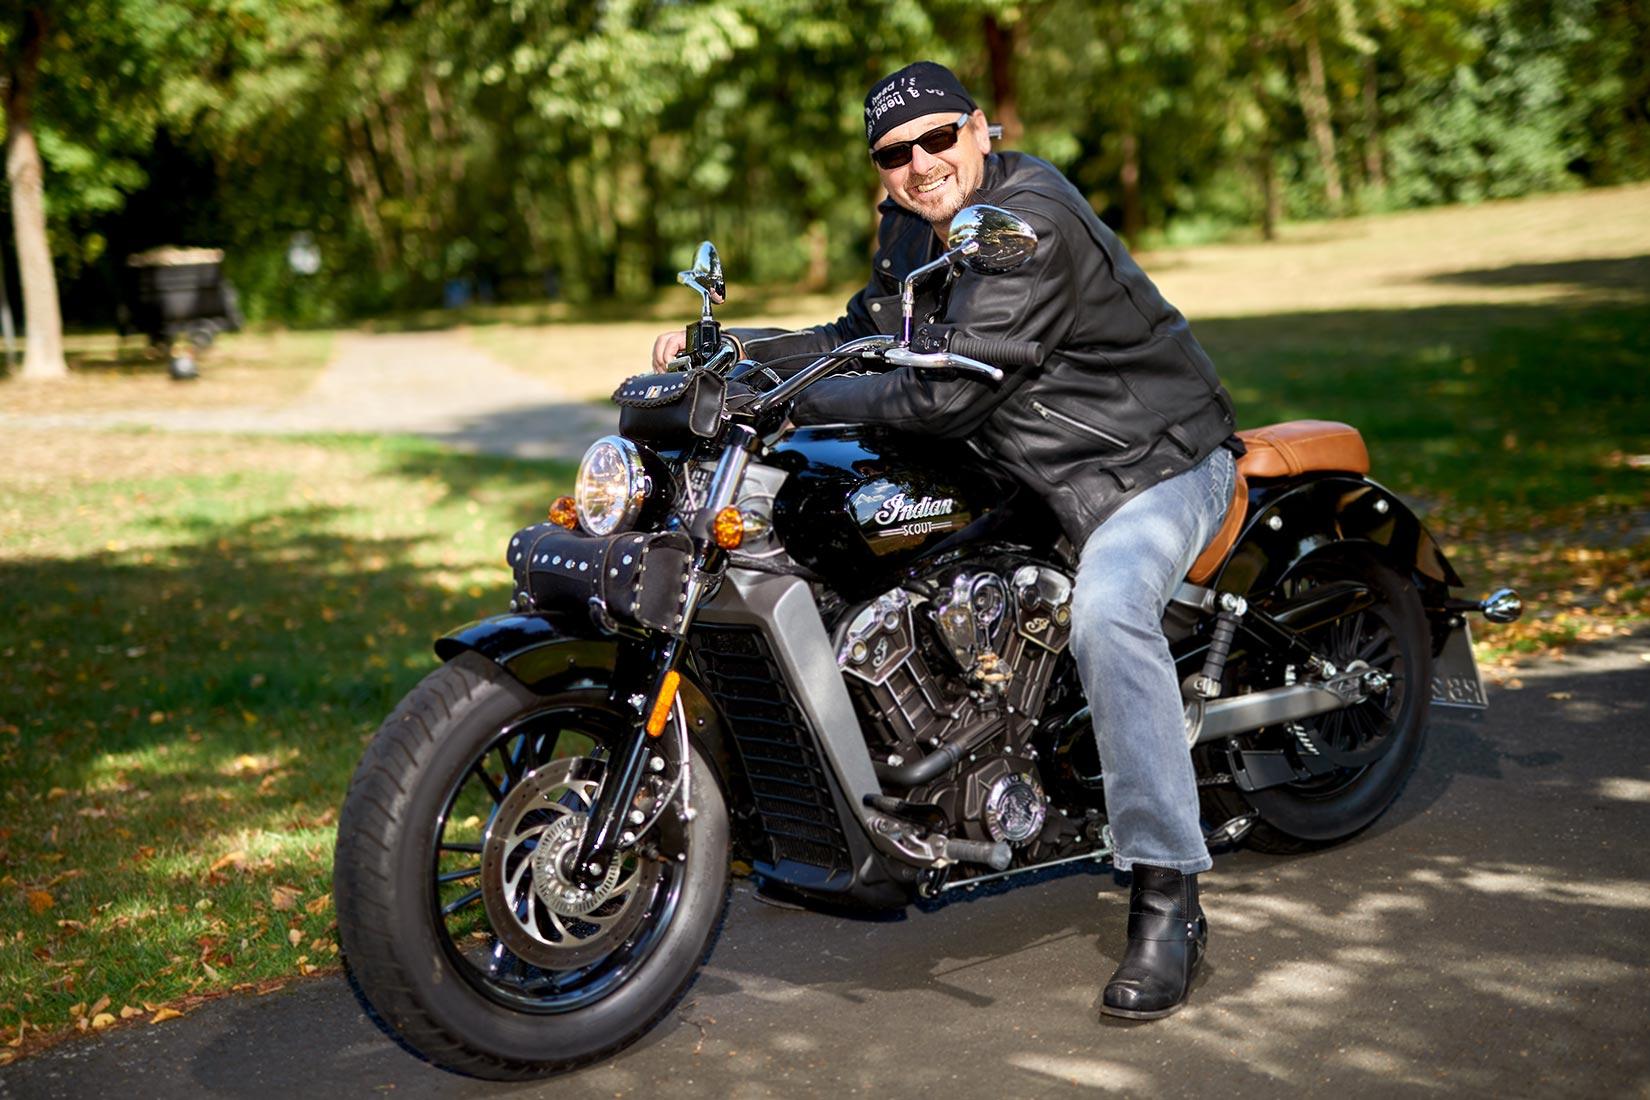 Portraitfoto - Mann auf Harley, outdoor